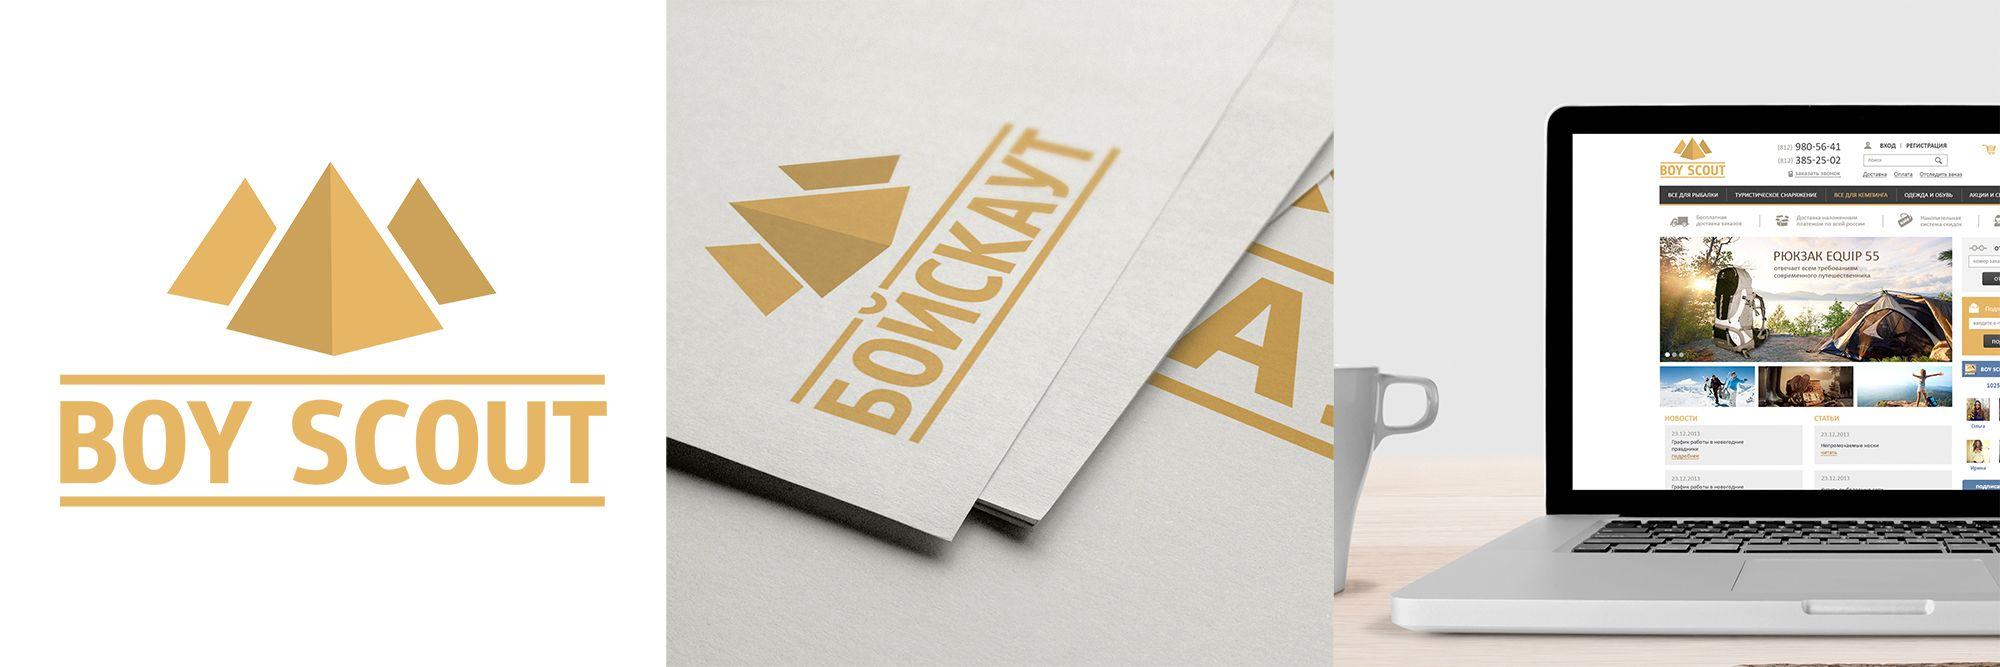 Логотип для сайта интернет-магазина BOY SCOUT - дизайнер Slaif